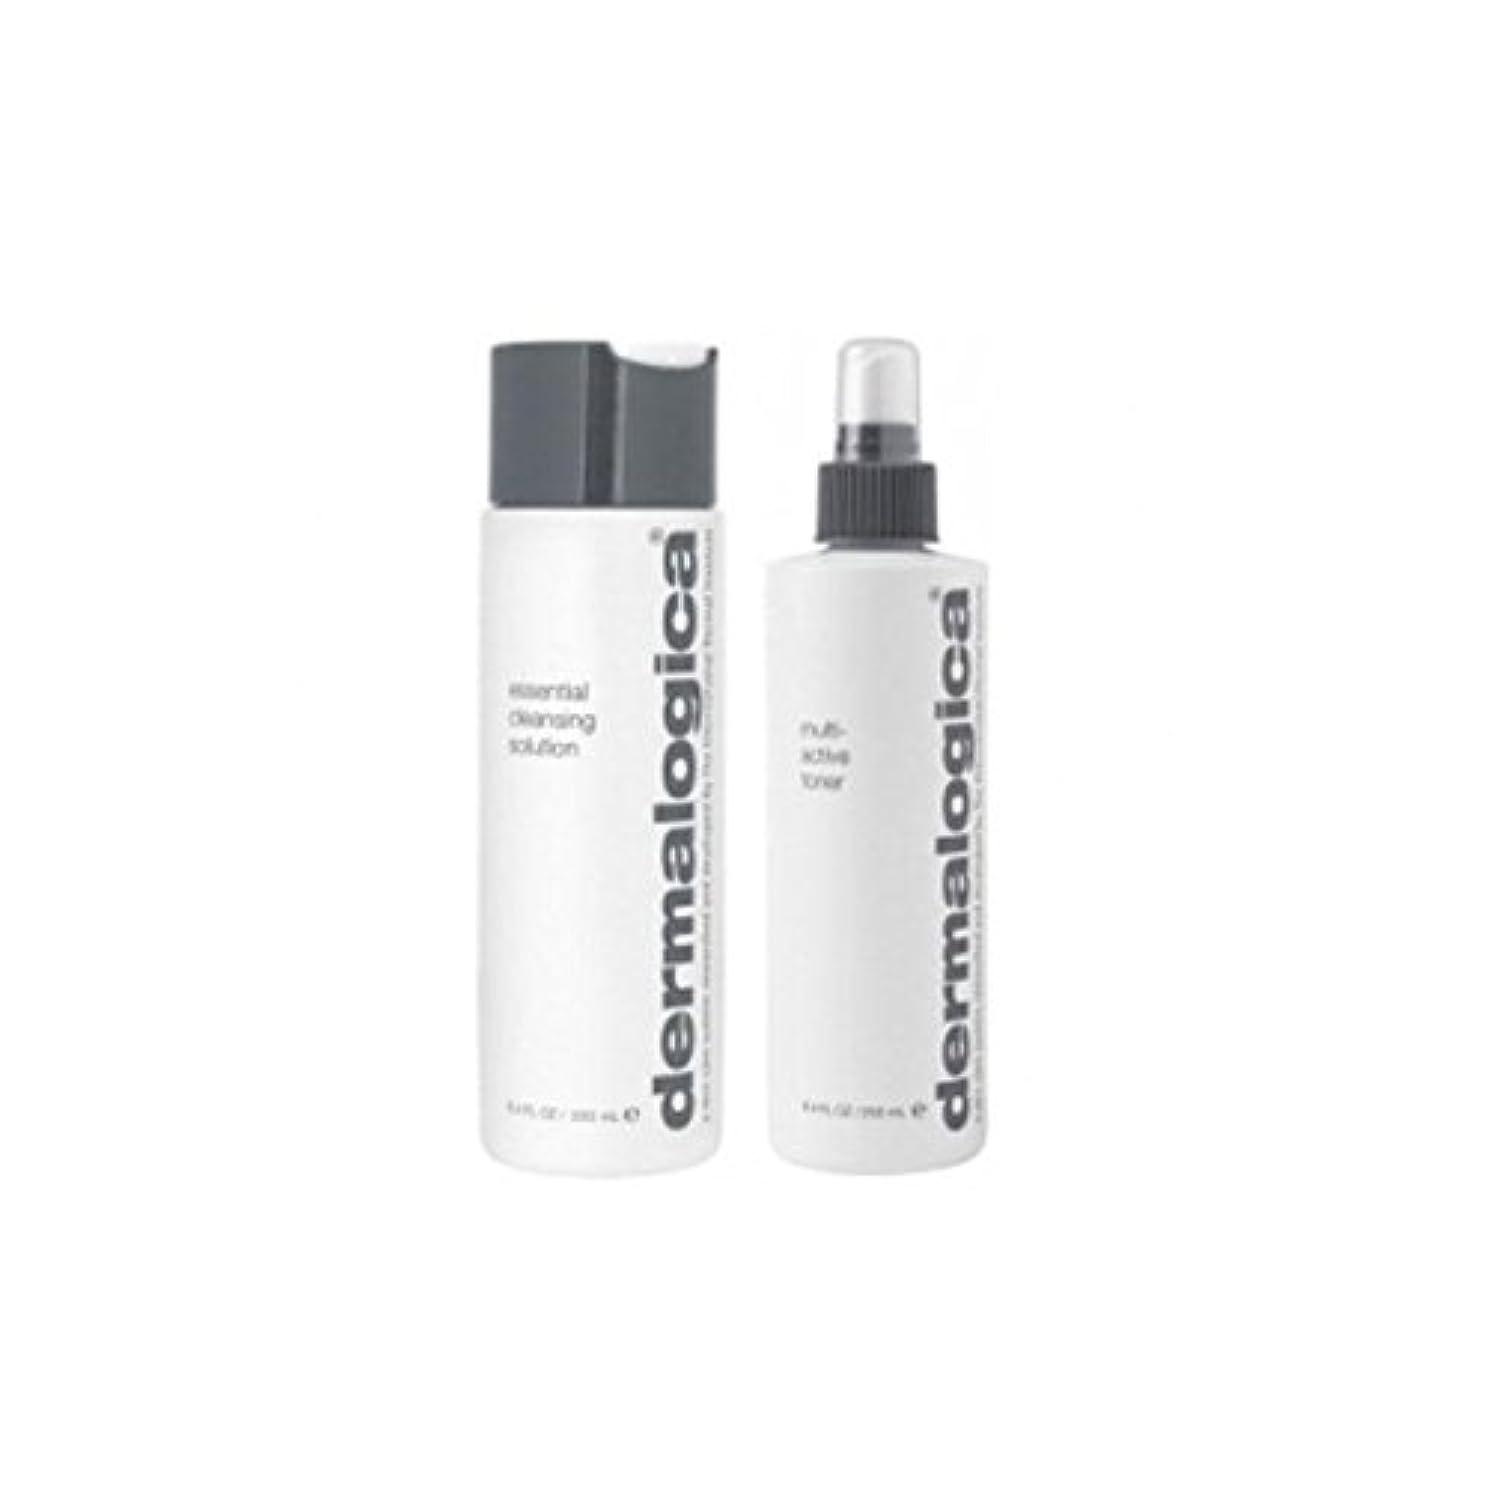 モバイル閃光ジョグDermalogica Cleanse & Tone Duo - Dry Skin (Pack of 6) - ダーマロジカクレンジング&トーンデュオ - 乾燥肌 x6 [並行輸入品]